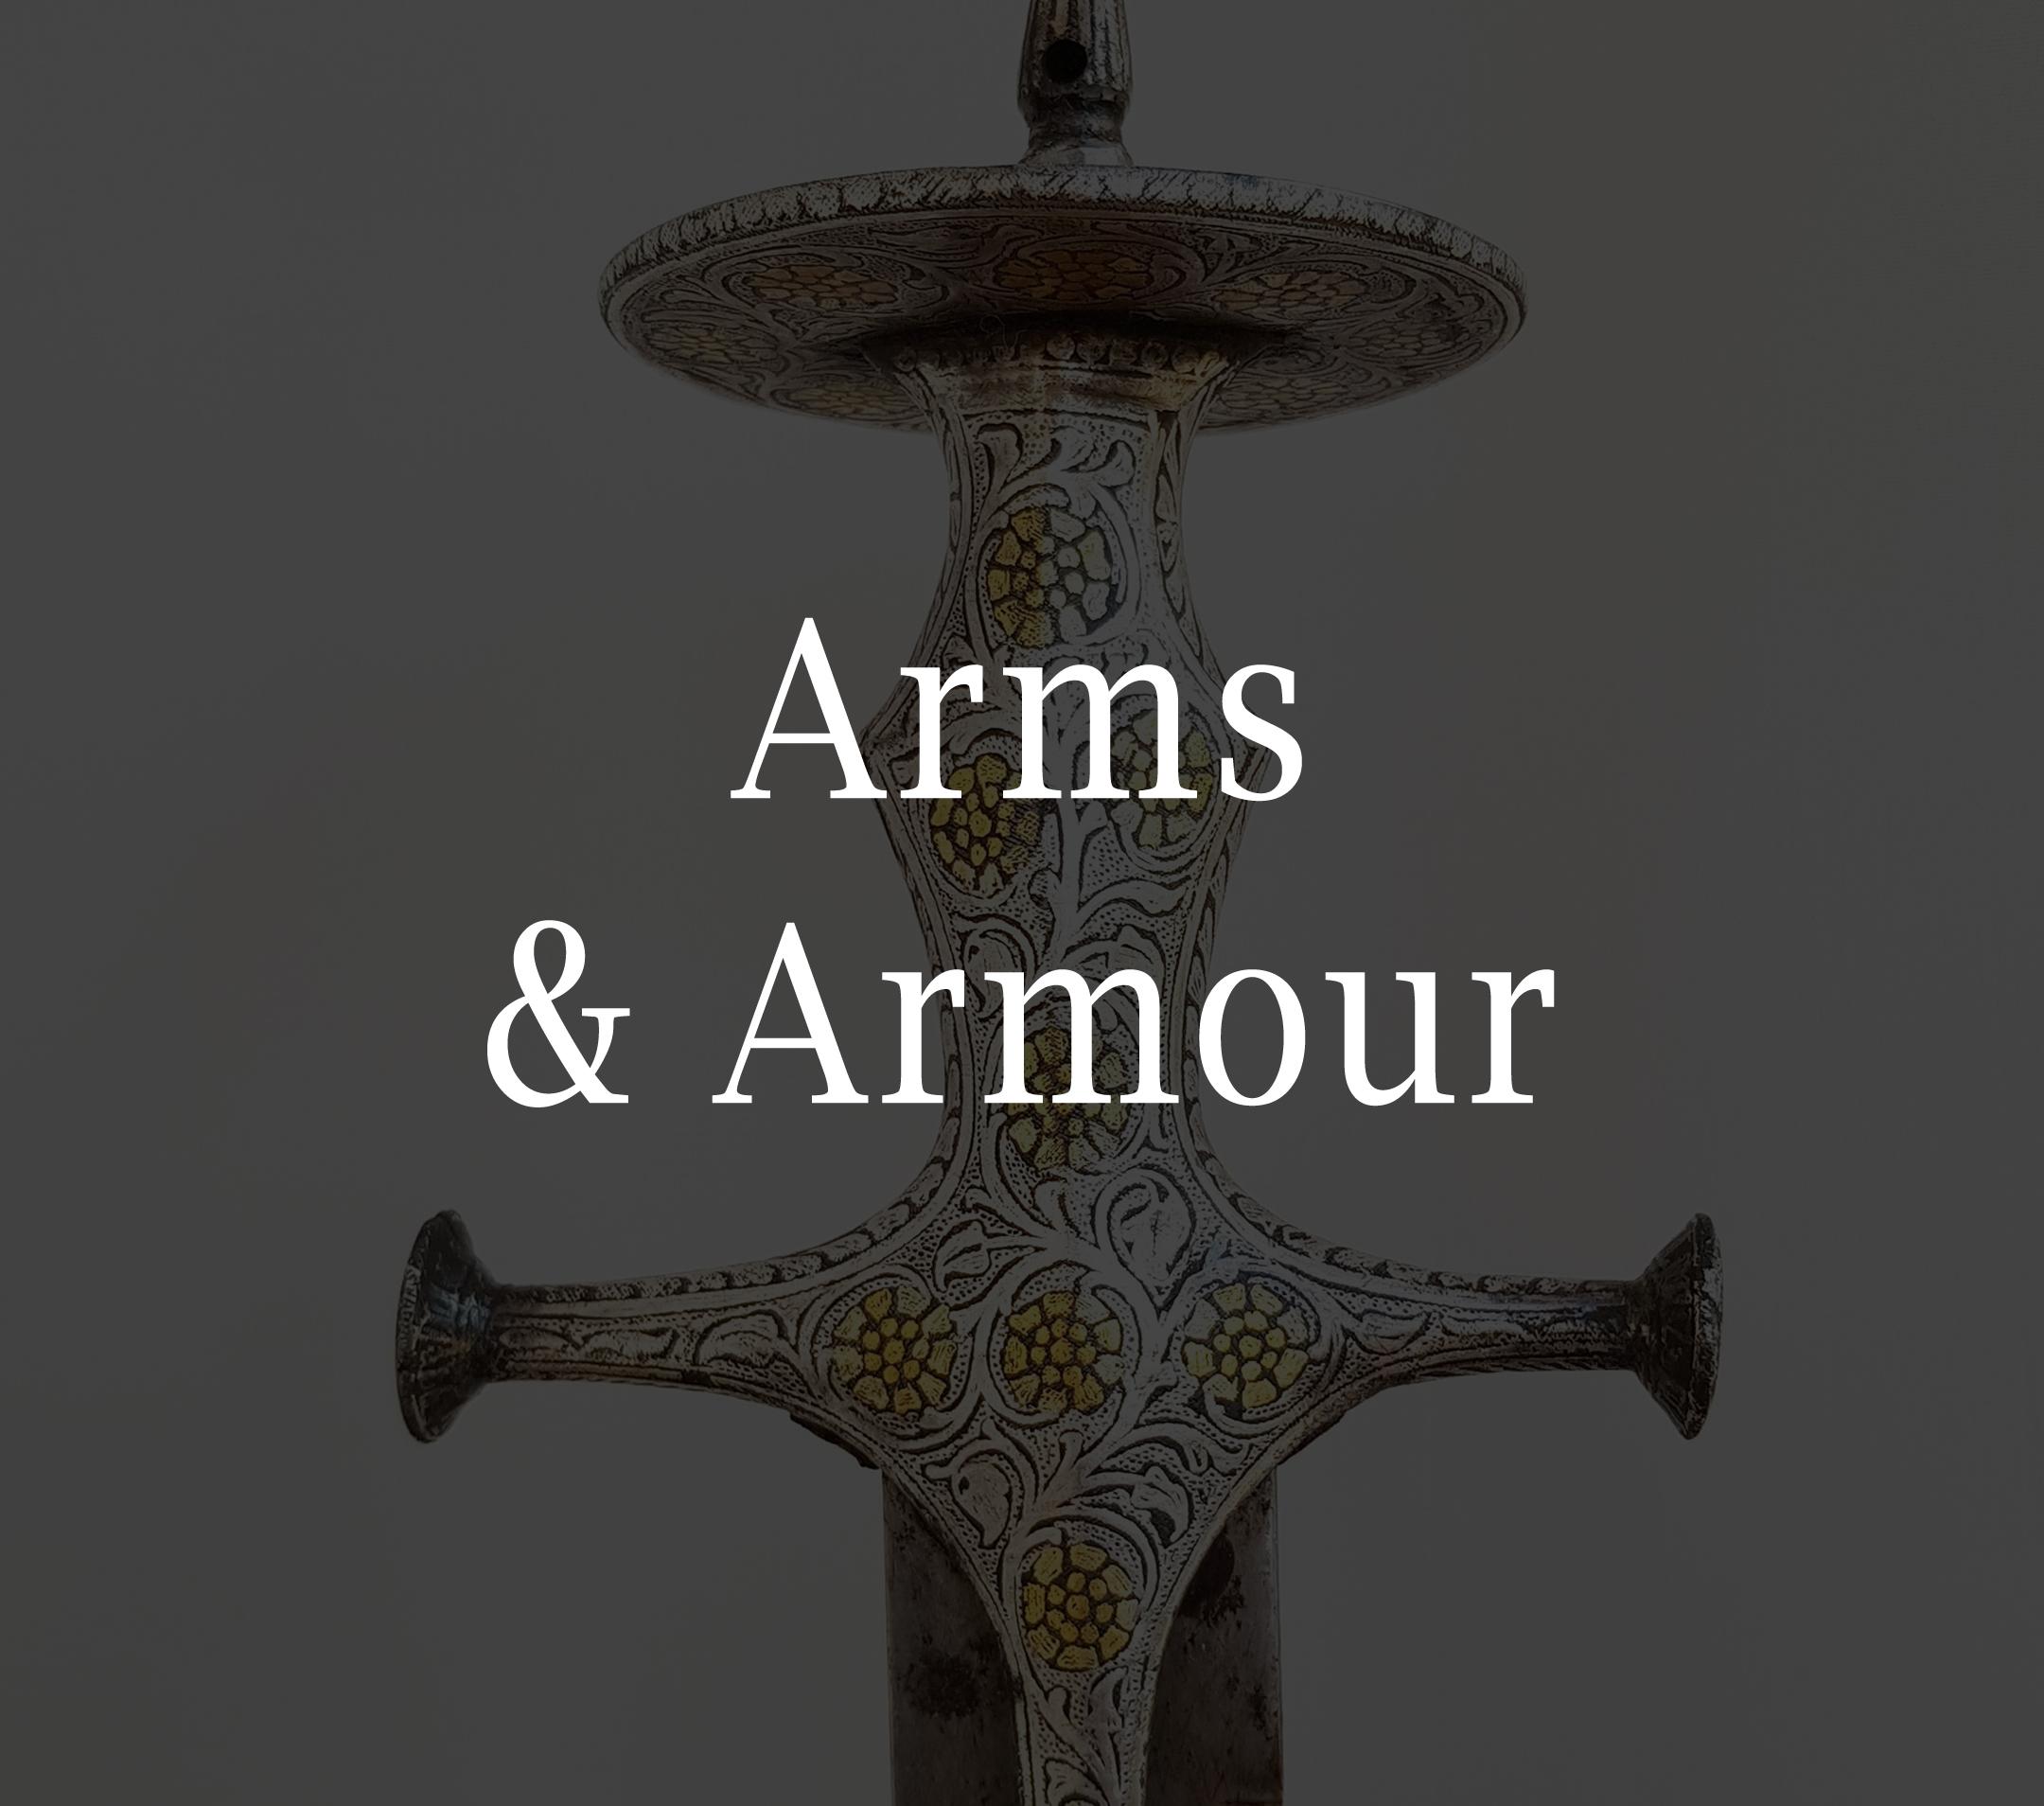 armsarmour copy